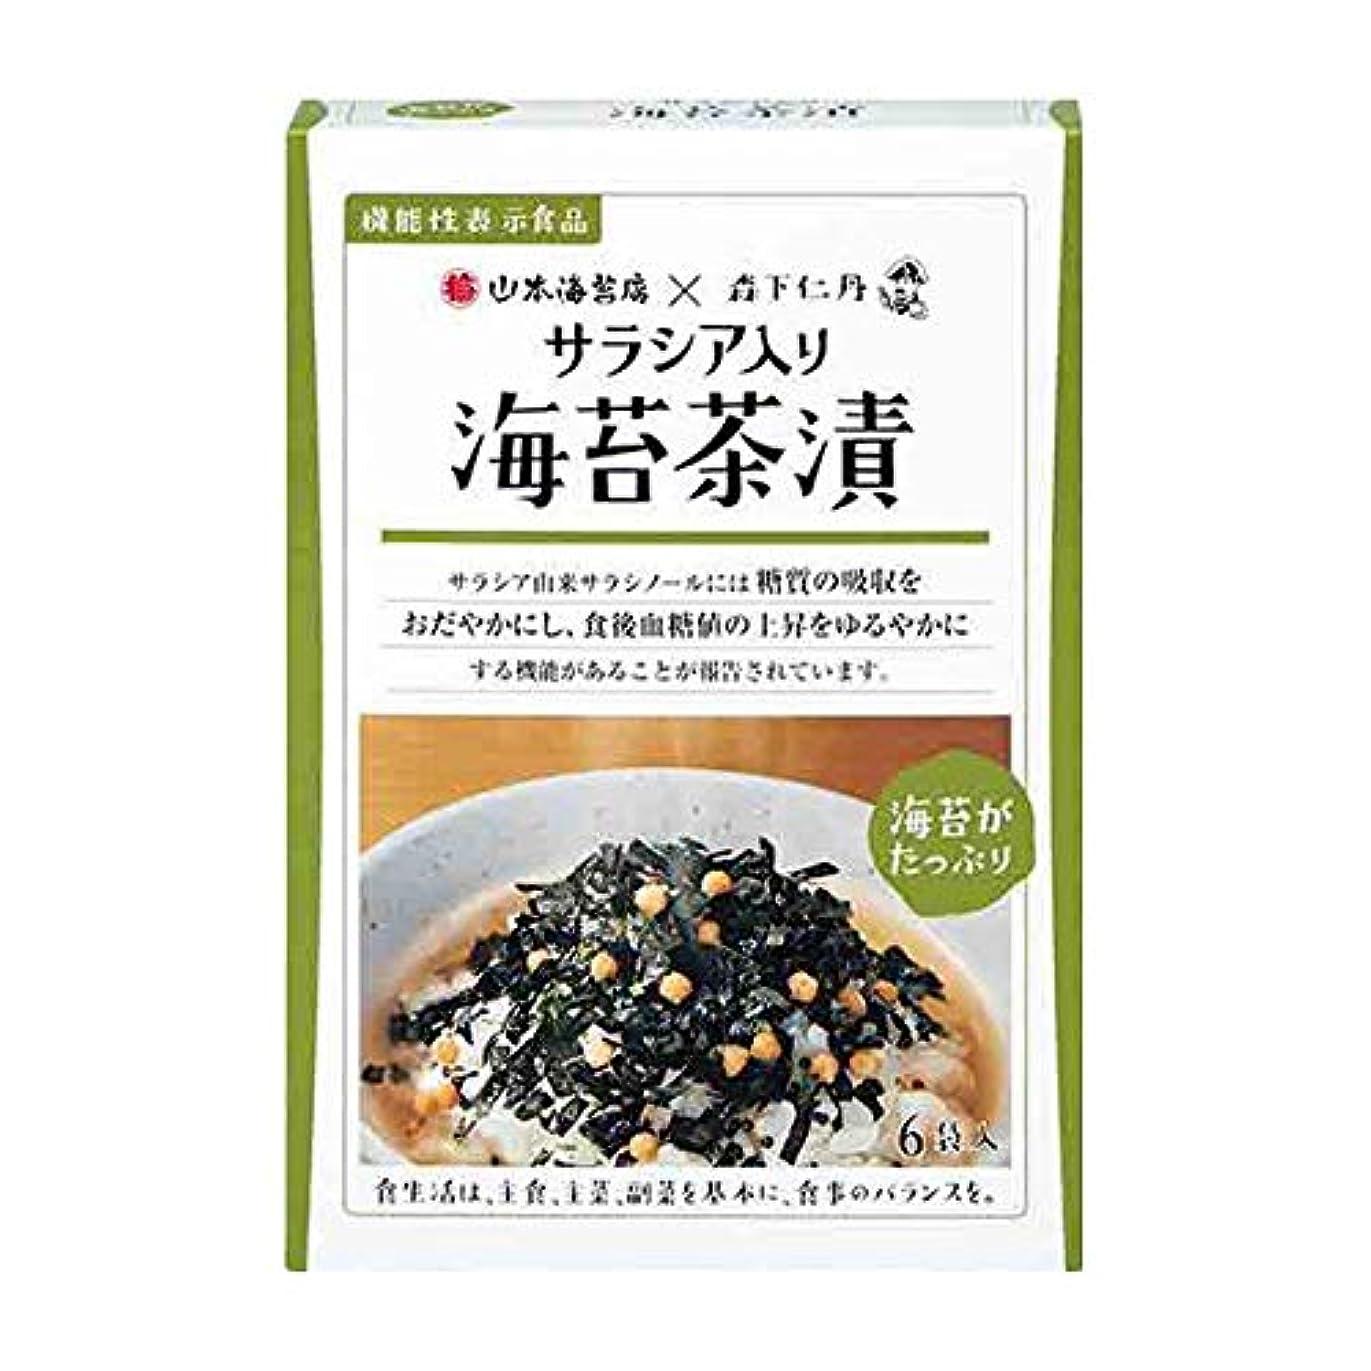 マルコポーロ不実いちゃつく森下仁丹 海苔茶漬 サラシア入り (6.2g×6袋) [機能性表示食品]